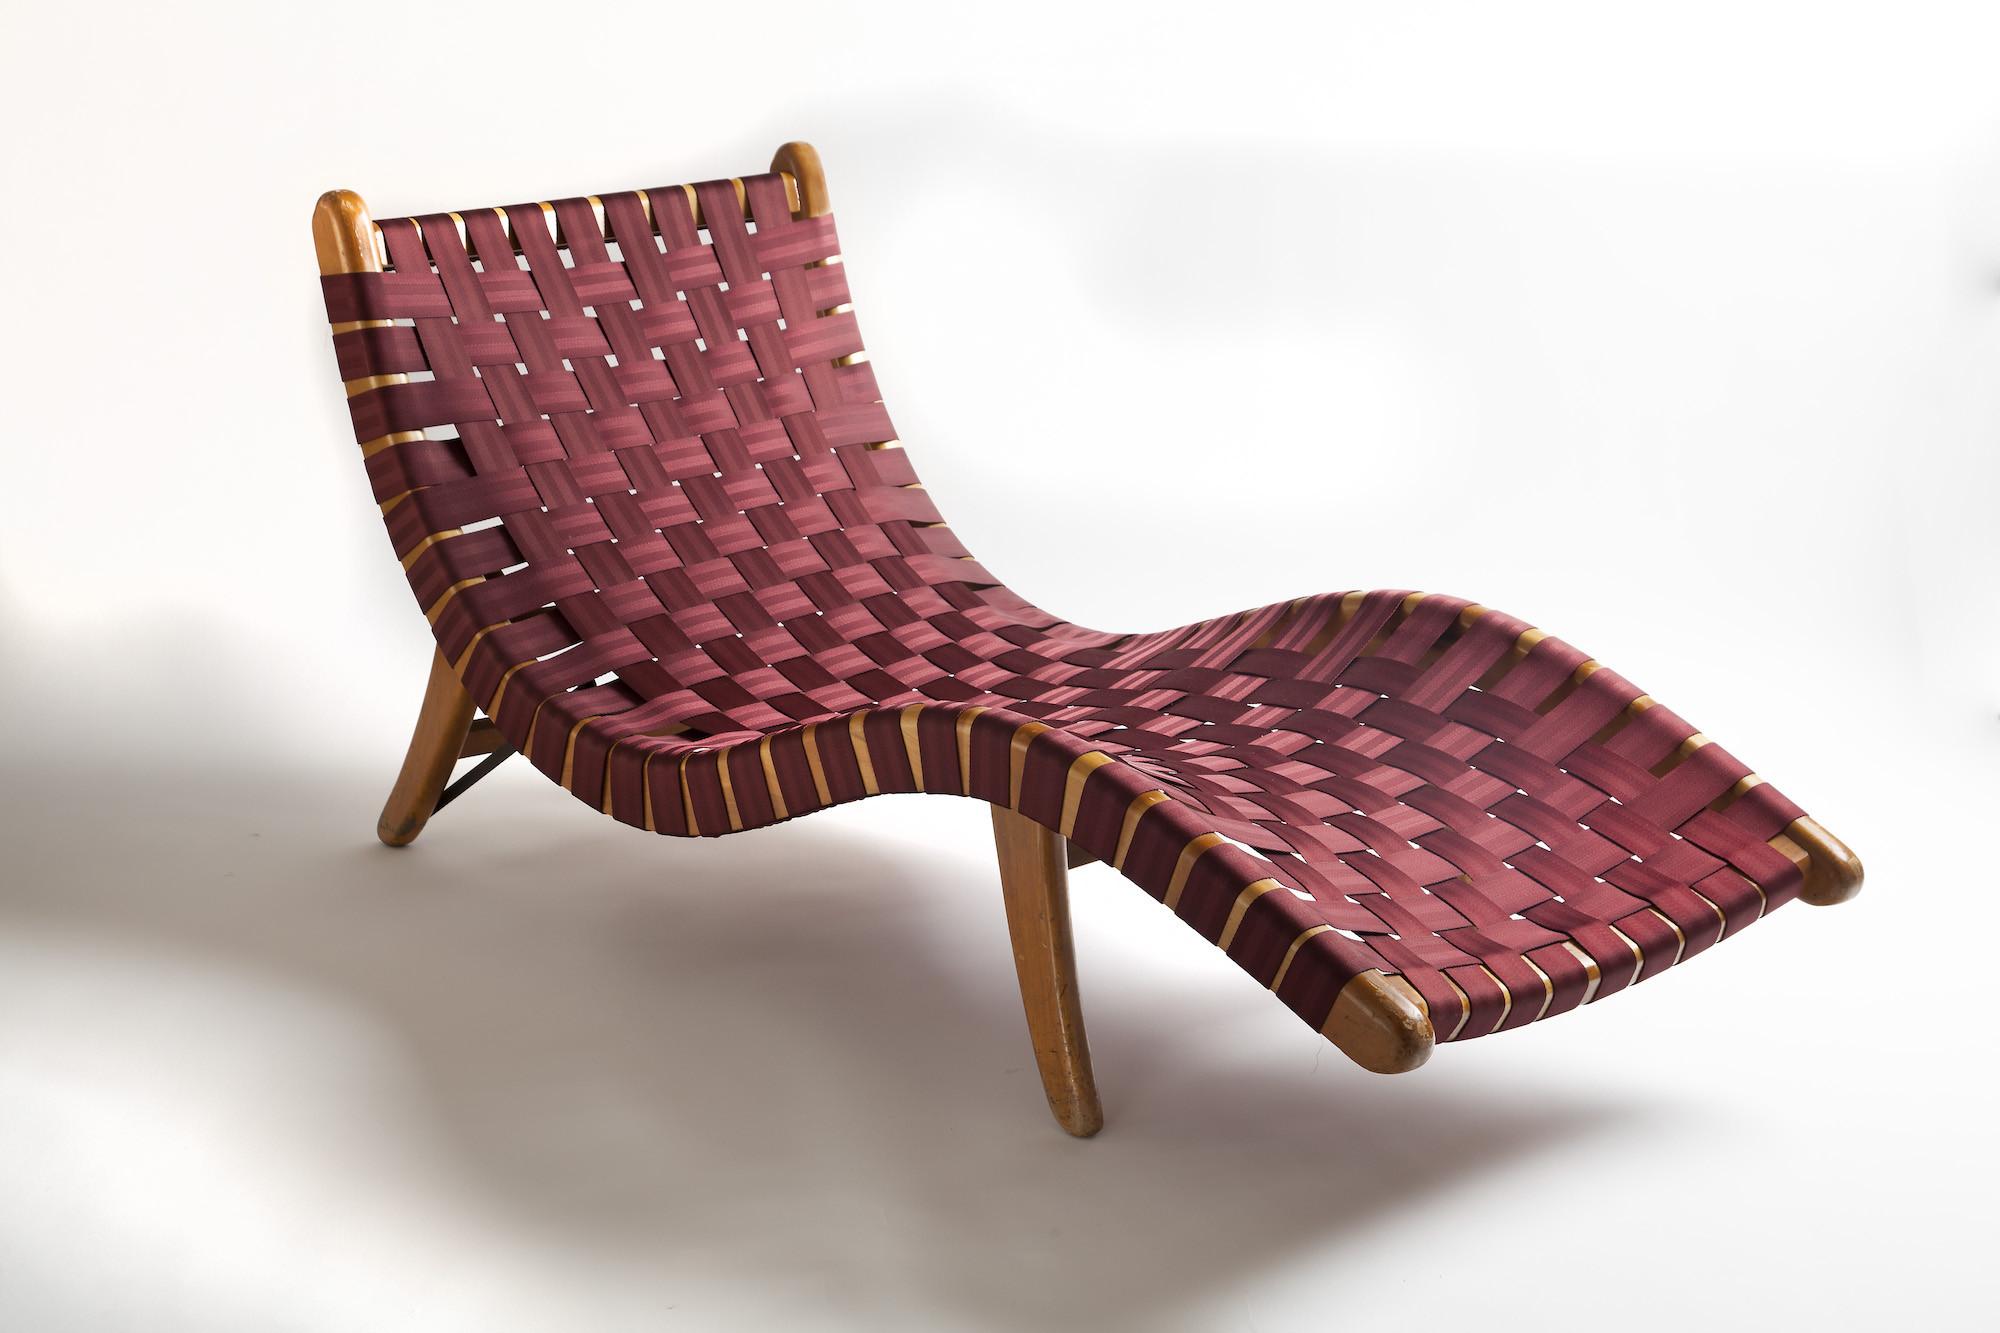 Exposição inédita em Nova Iorque explora o design moderno da América Latina, Michael van Beuren (Americano que trabalhou no México), 1940. Image Cortesia de Americas Society